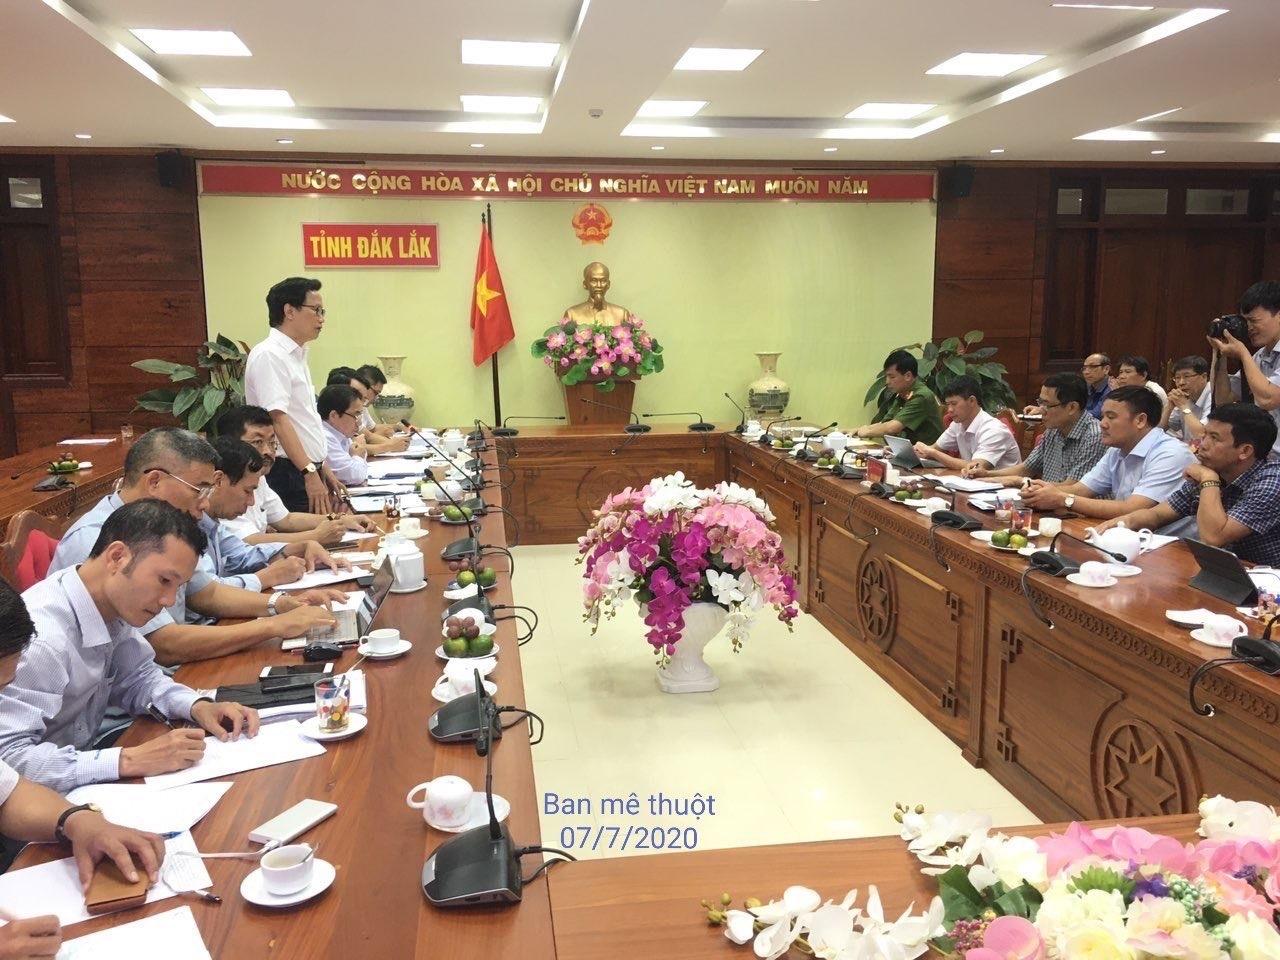 Thứ trưởng Nguyễn Đình Toàn kiểm tra trật tự xây dựng, an toàn giao thông và hạ tầng đô thị ở Tây Nguyên